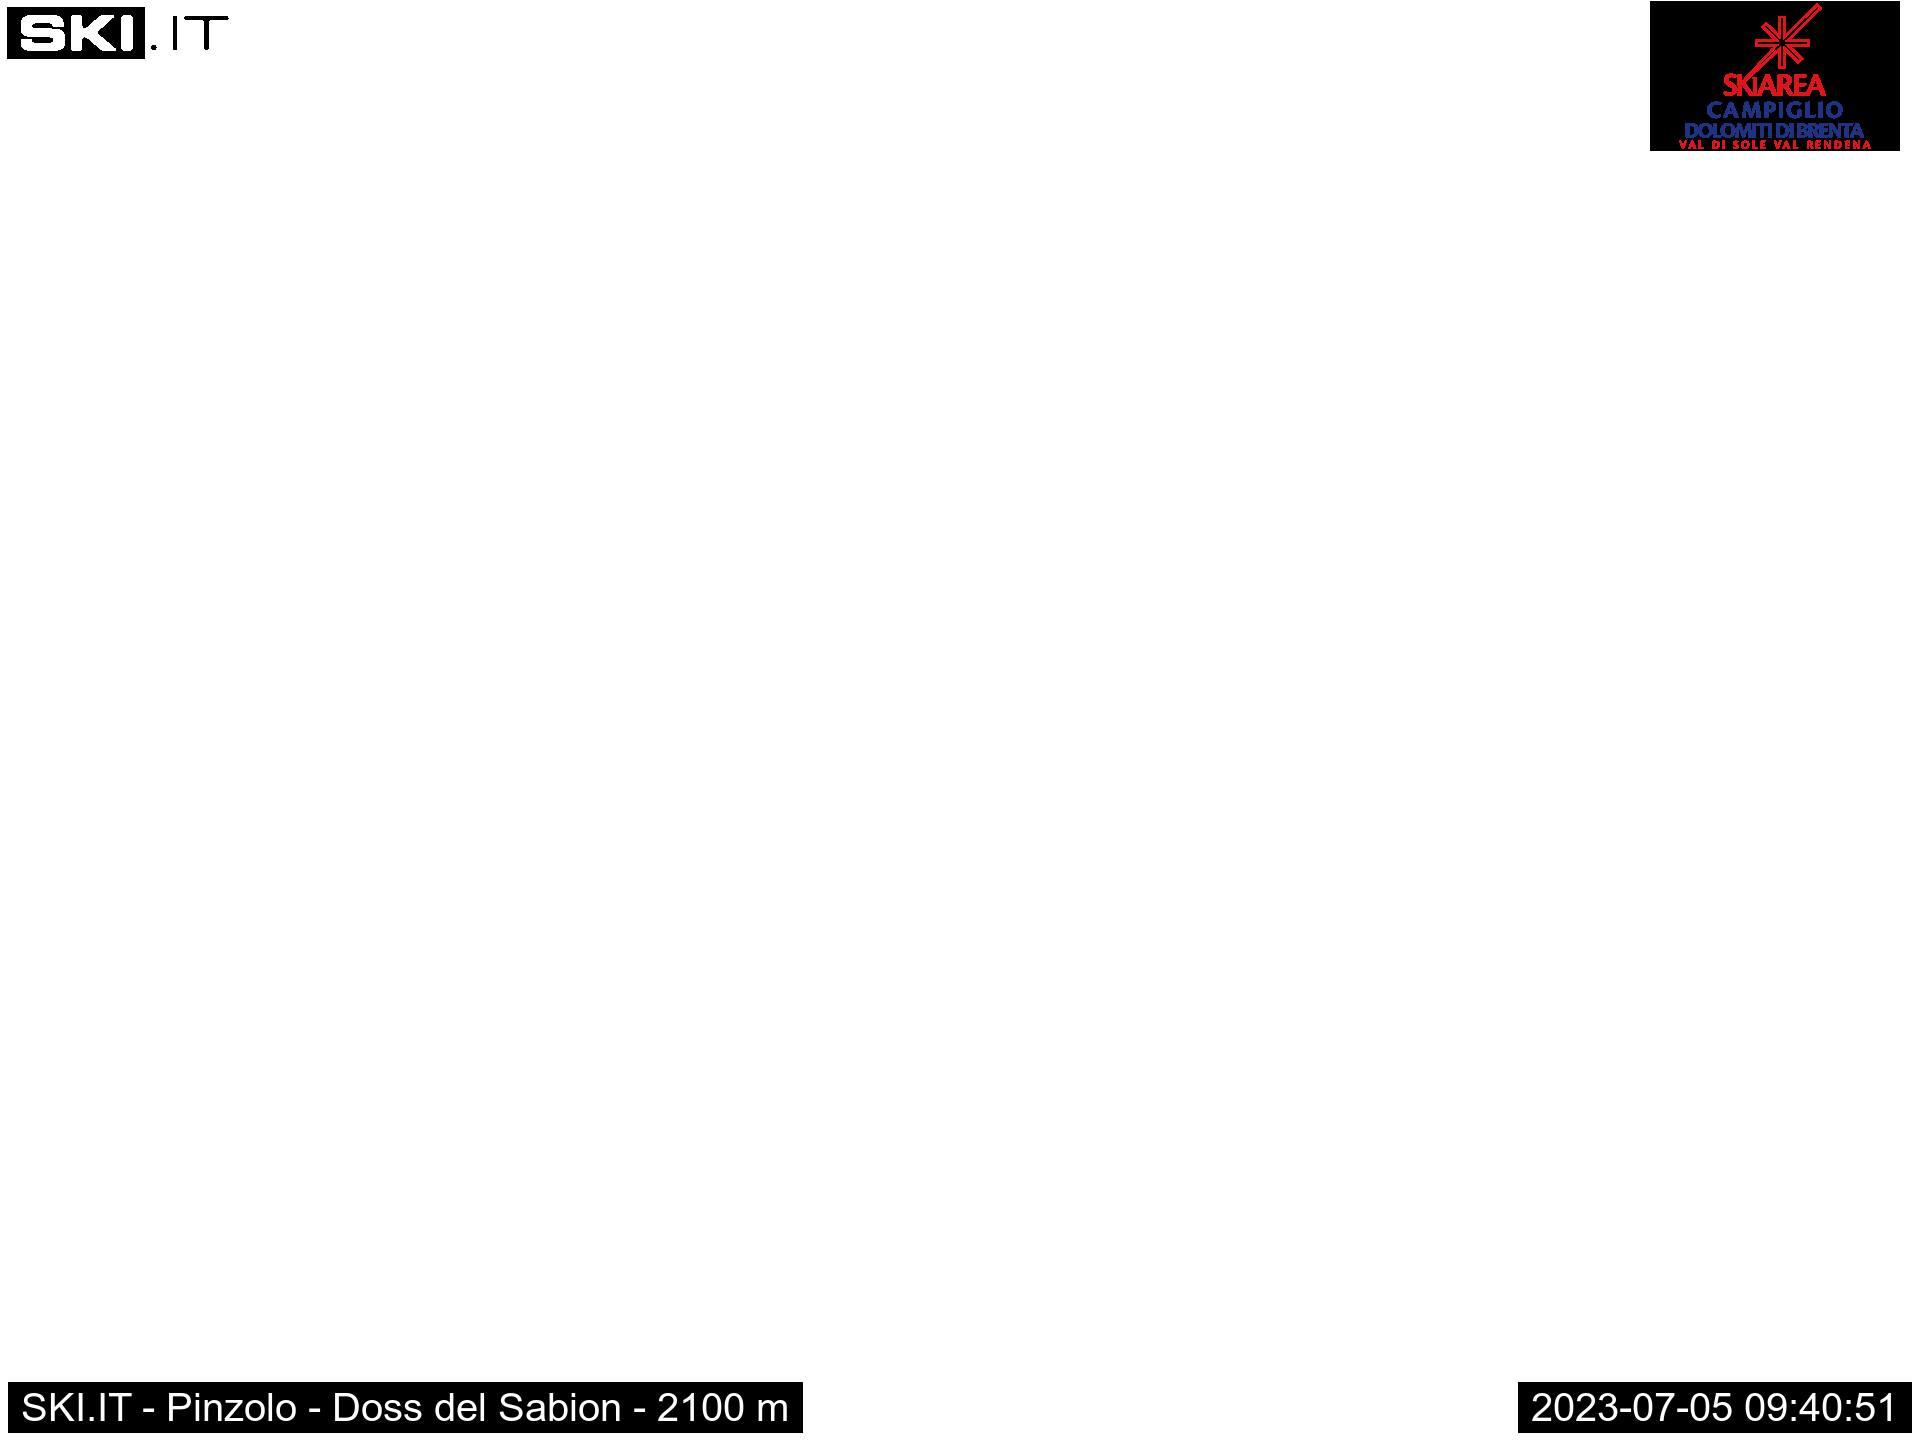 Webcam Pinzolo - Doss del sabion 360°